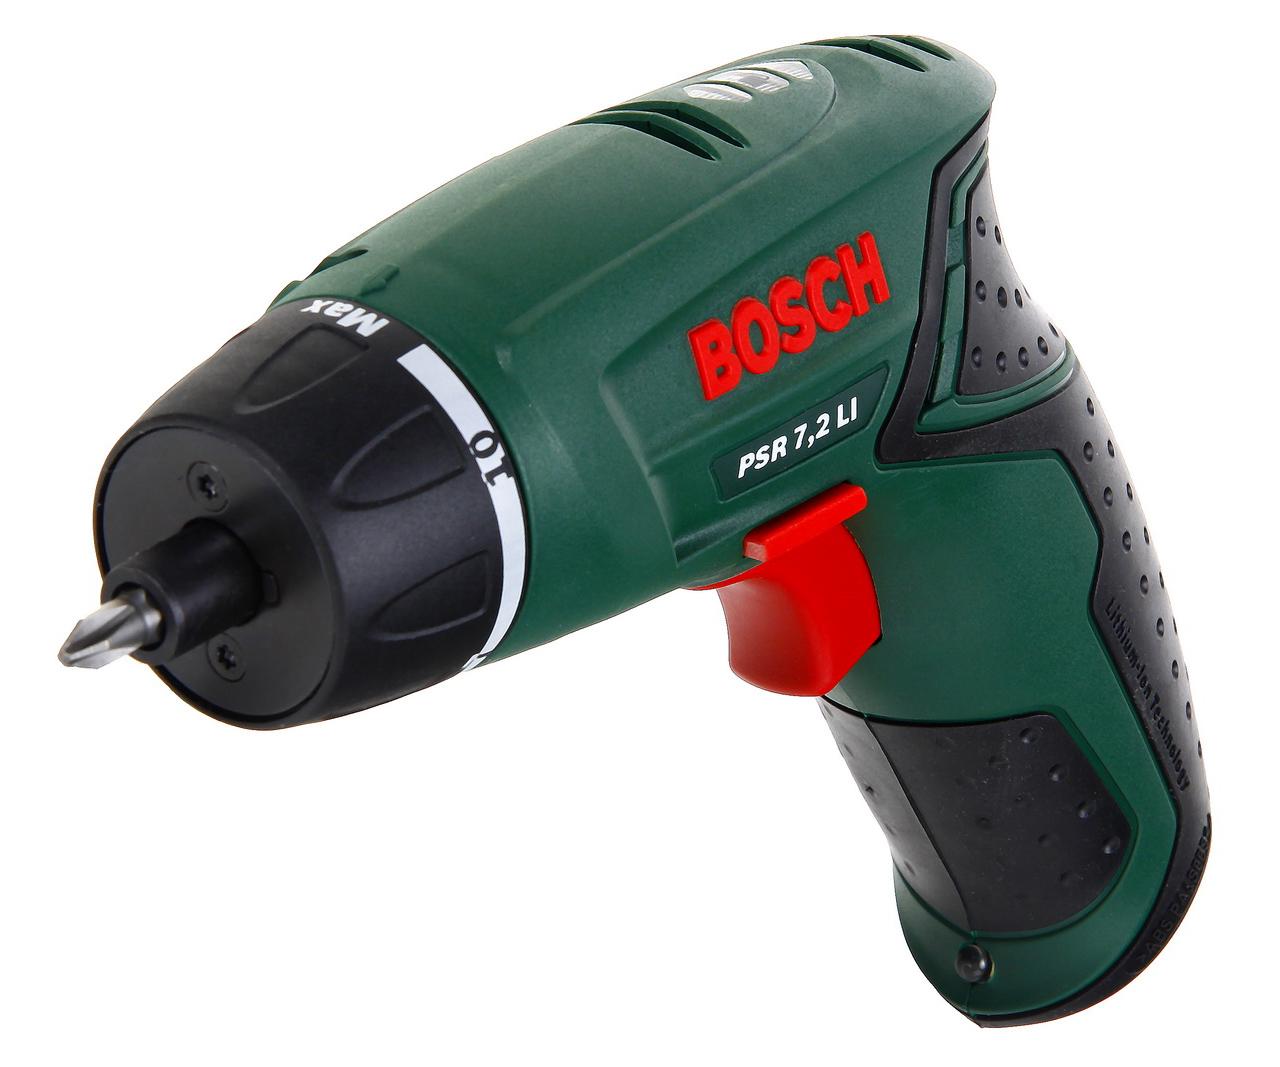 Отвертка аккумуляторная Bosch Psr 7,2 li